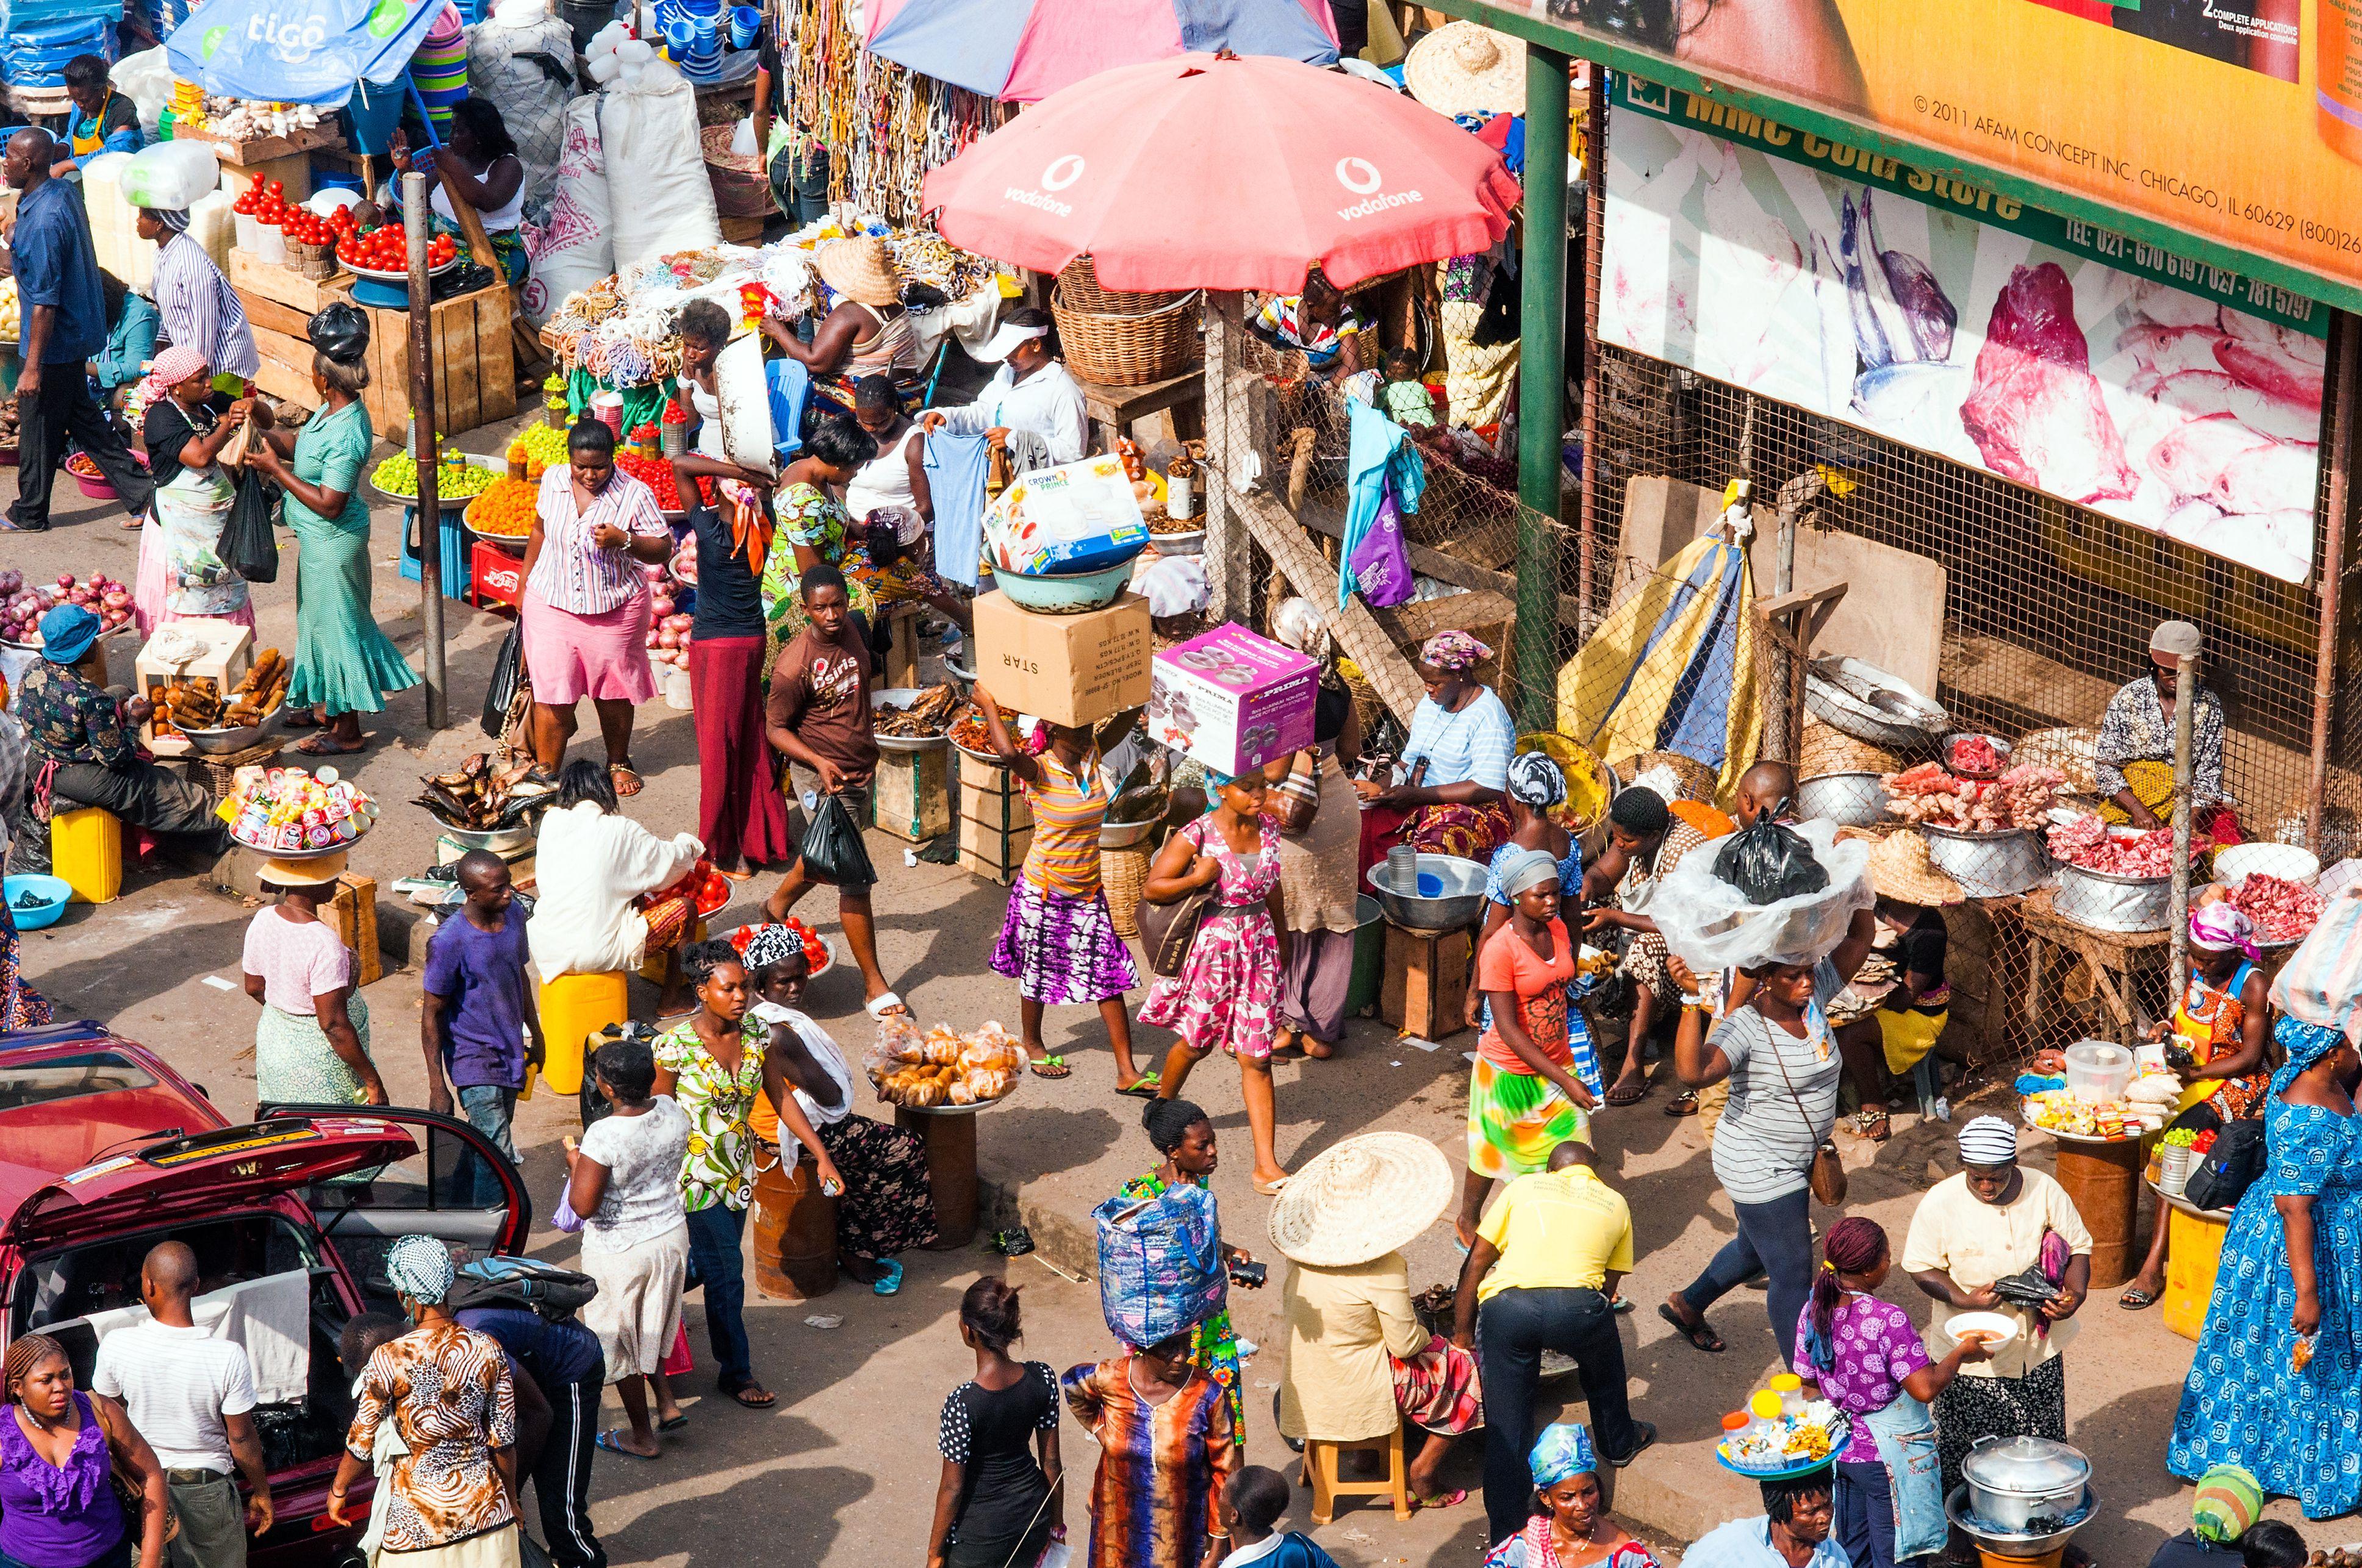 Online társkereső csalások Accra Ghána területén tanácsadás online társkereső profil